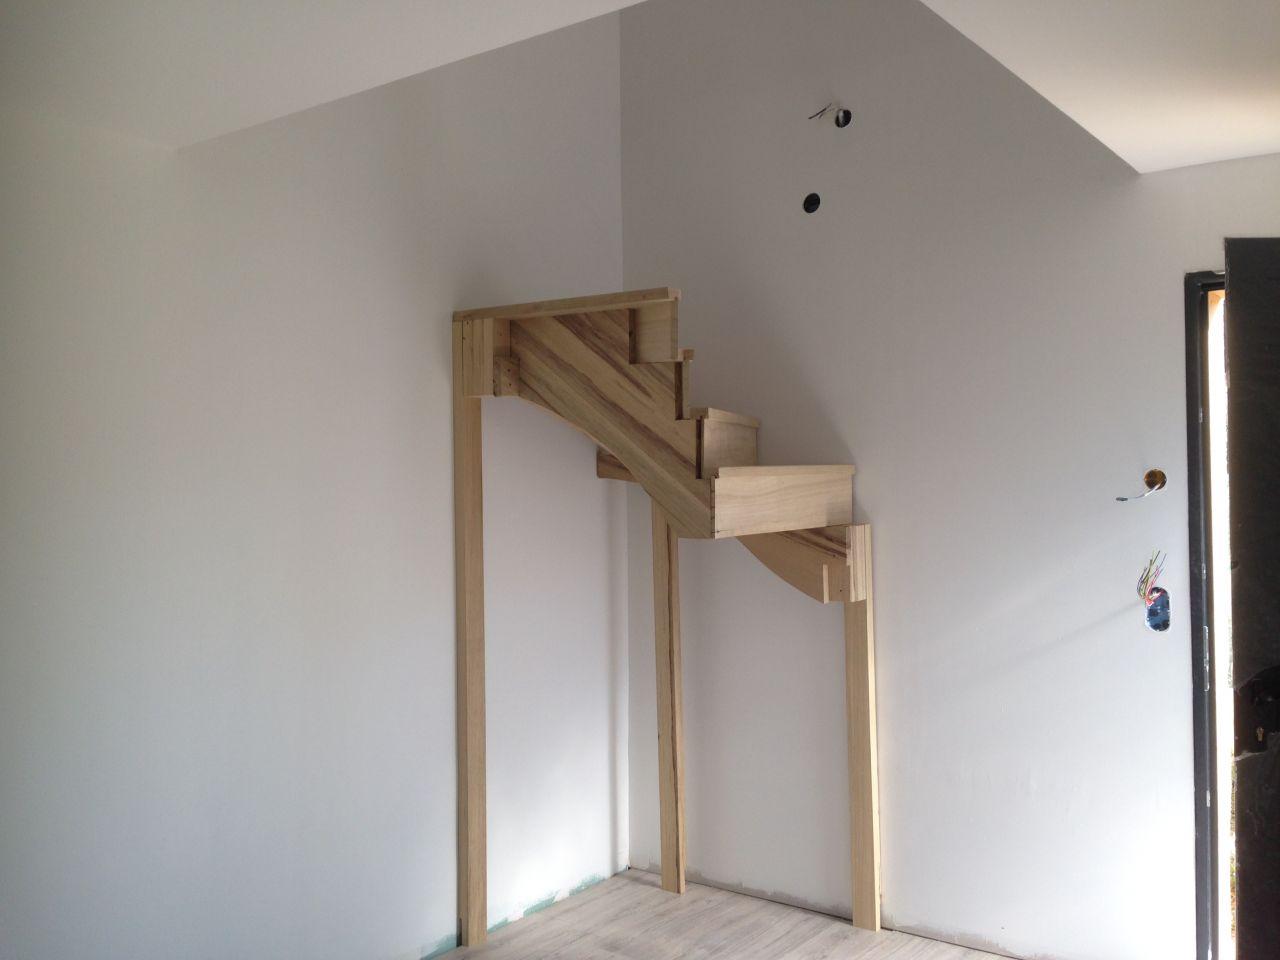 Début du montage de l'escalier en frake jaune (bois exotique)